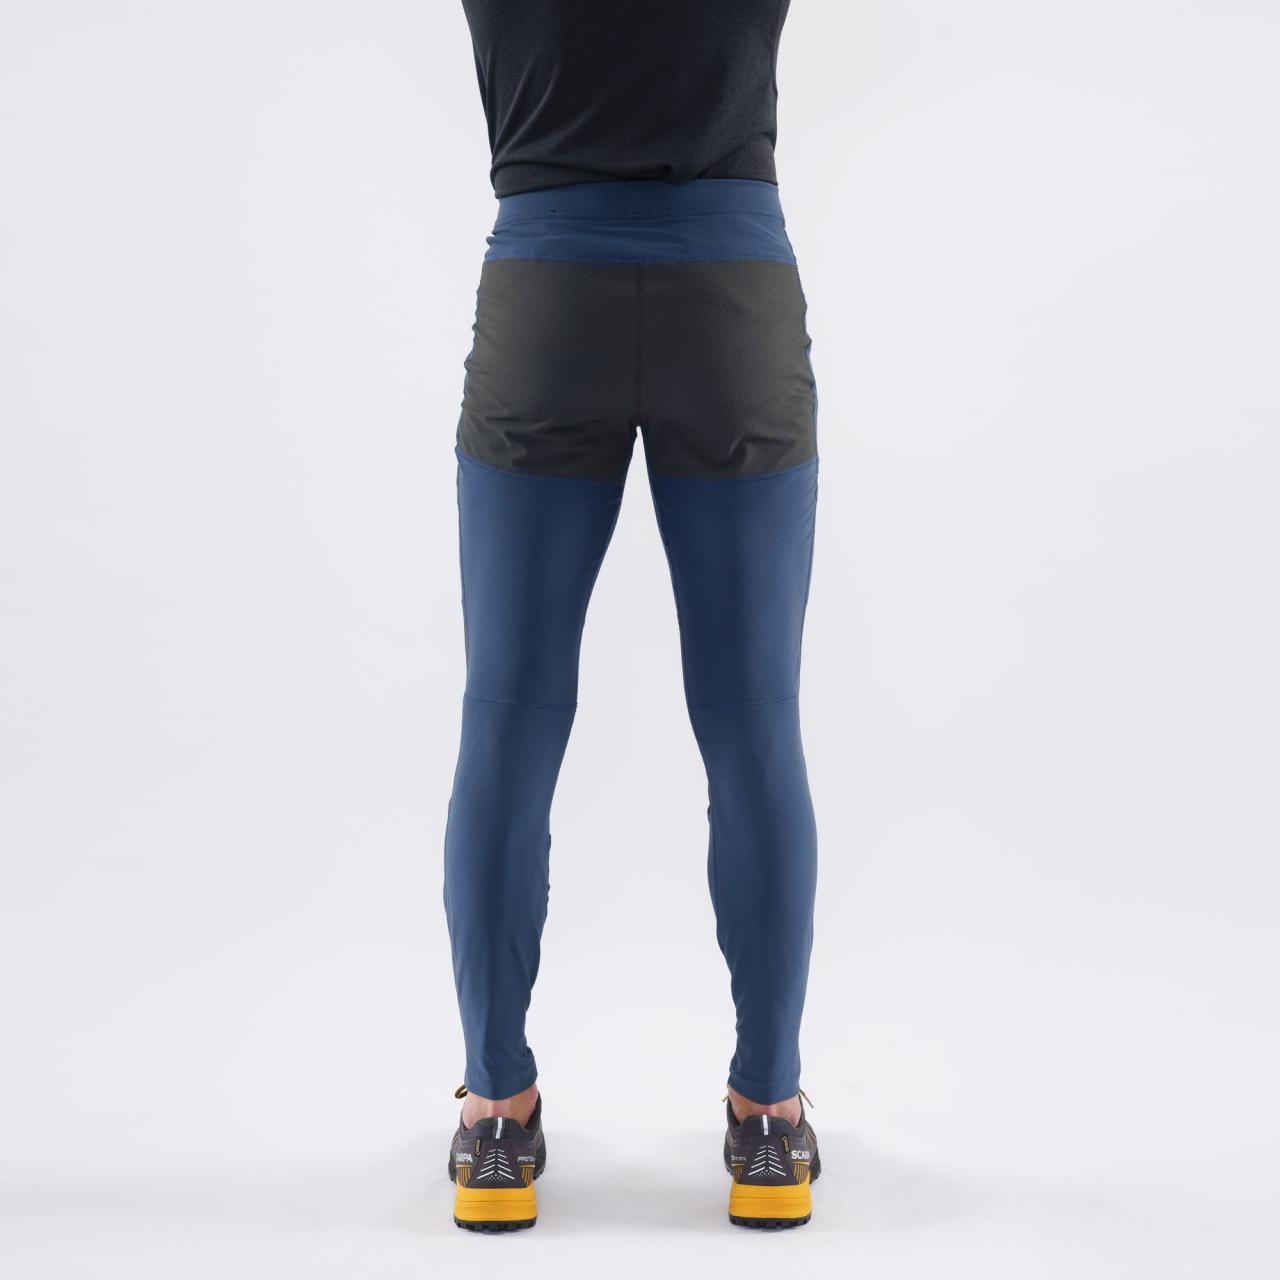 MODE PRO PANTS - REG LEG-ASTRO BLUE-M pánské kalhoty modré